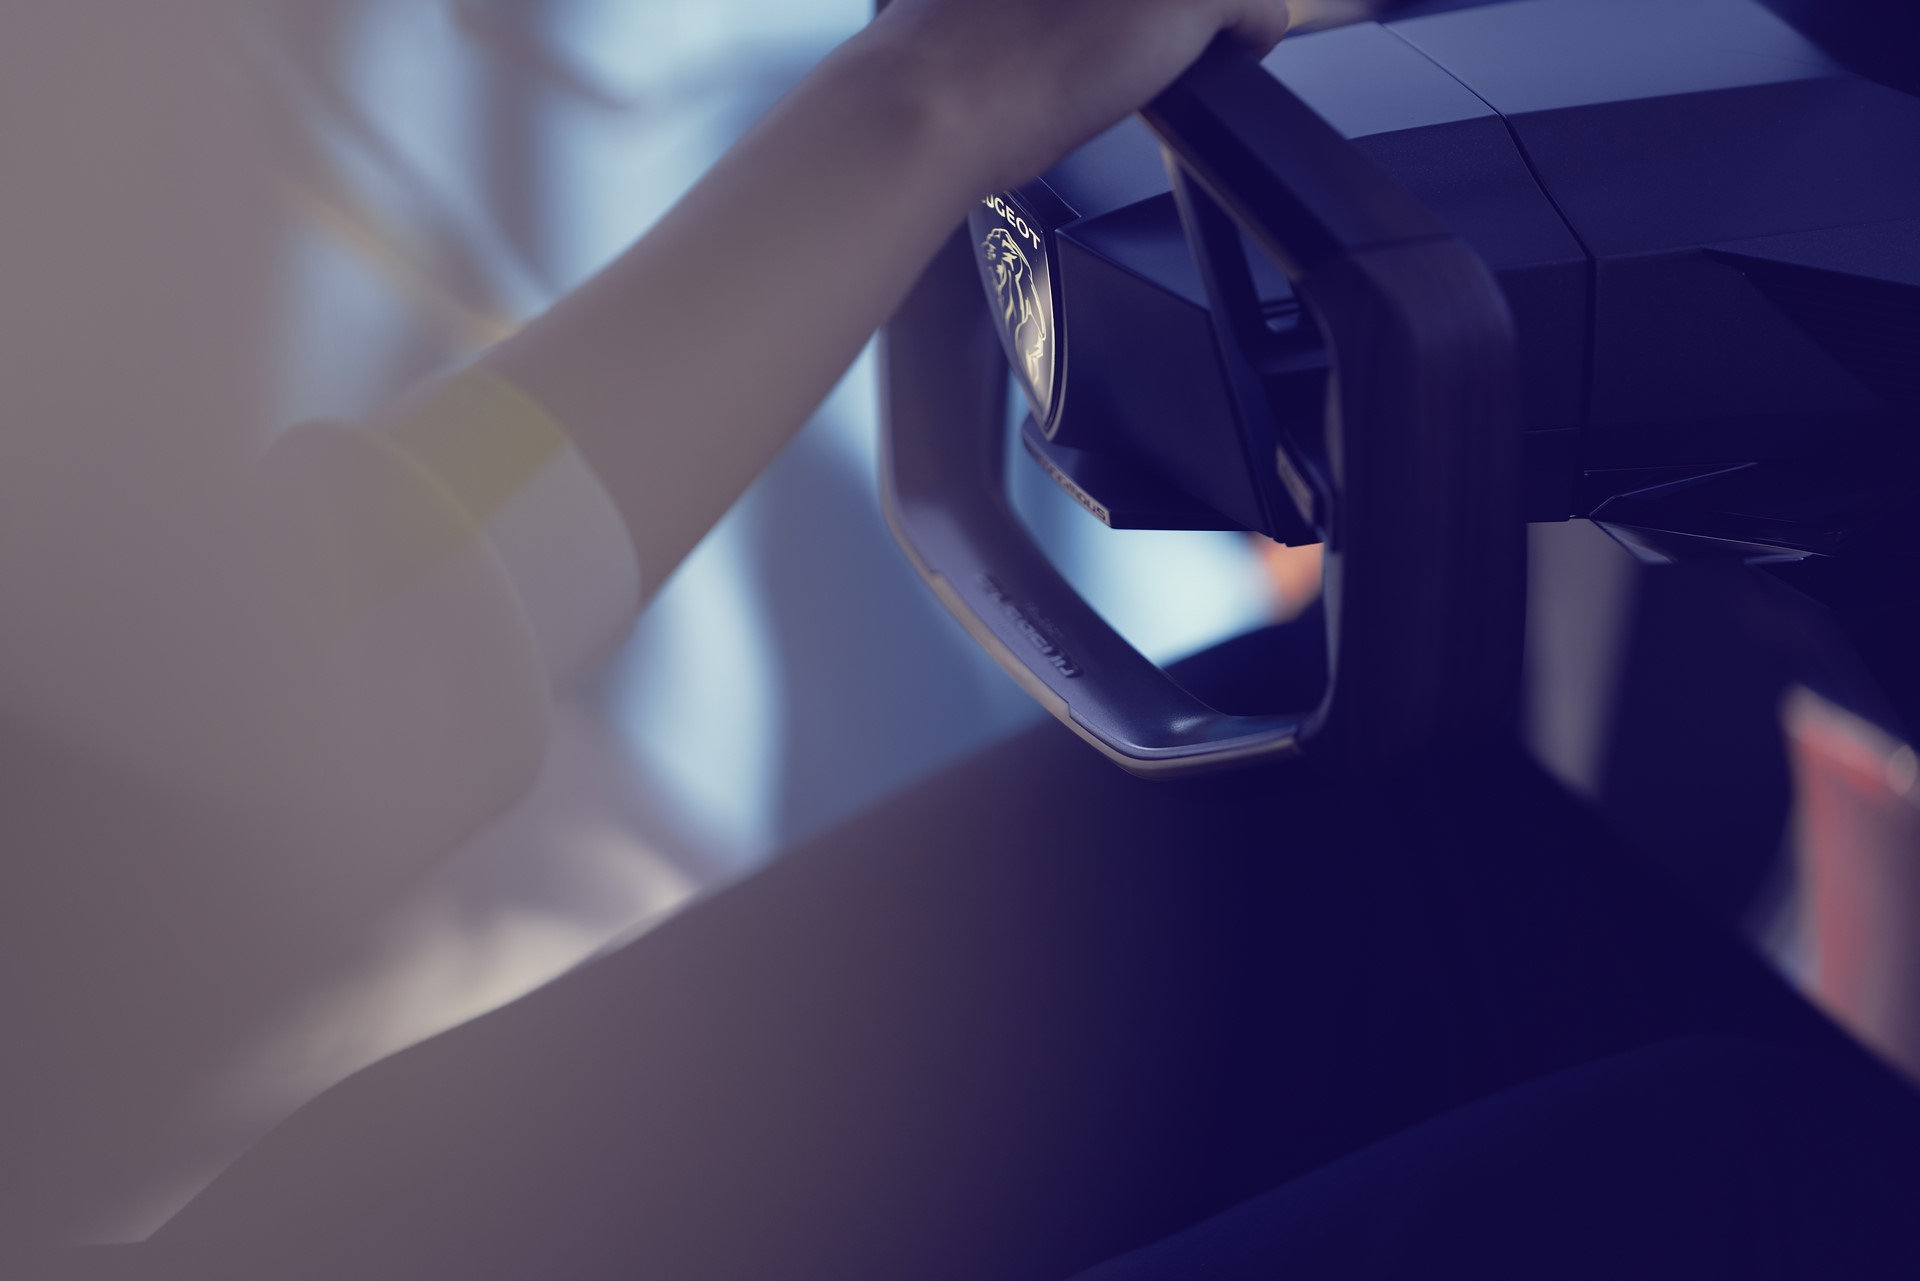 Peugeot E-Legend Concept (51)